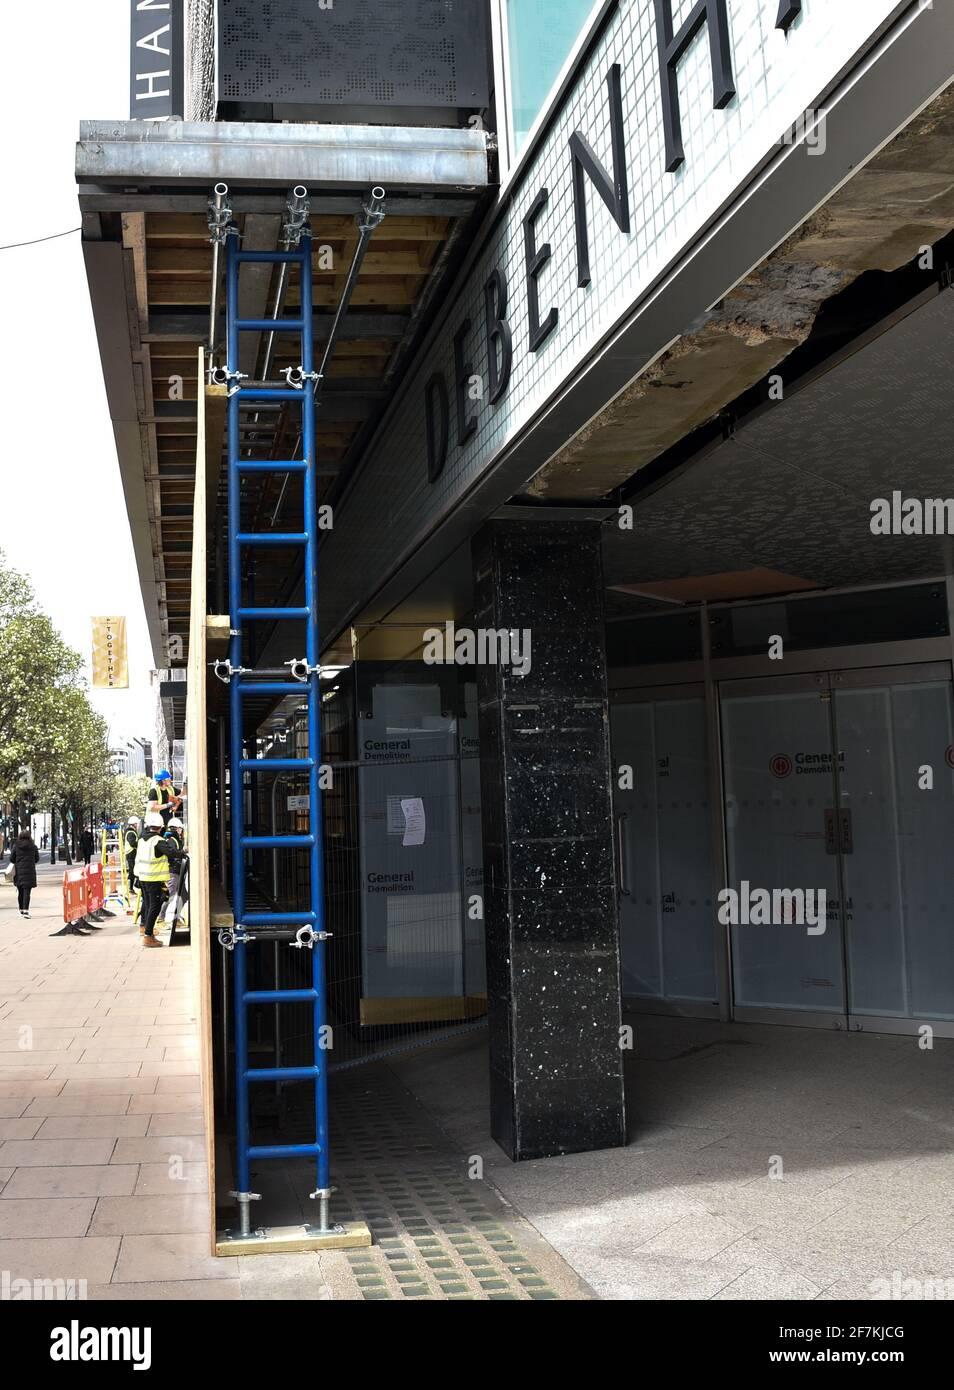 Oxford Street, Londres, Royaume-Uni. 8 avril 2021. L'ancien magasin phare de Debenhams sur Oxford Street est monté à bord. Crédit : Matthew Chattle/Alay Live News Banque D'Images